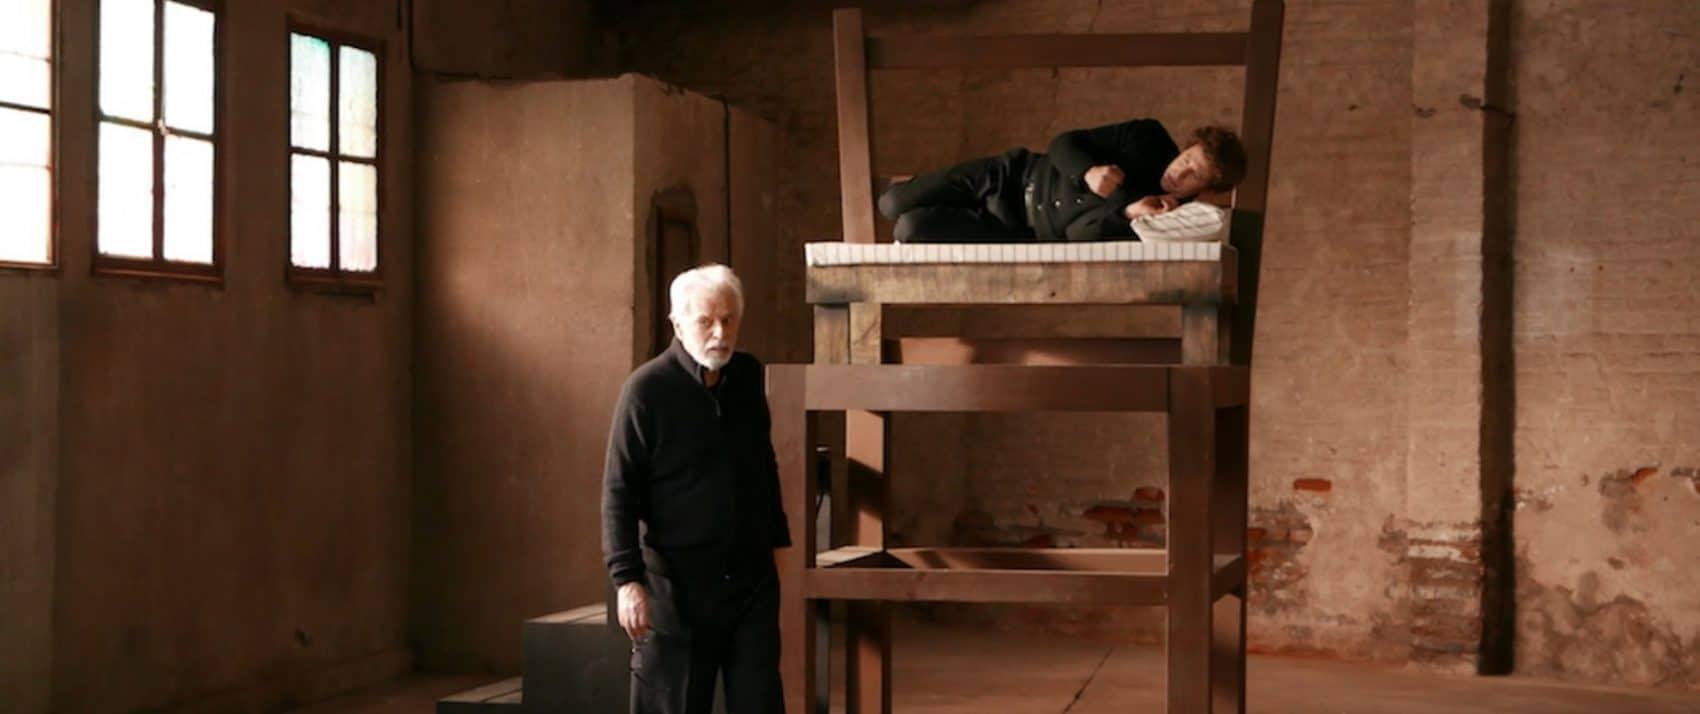 Poesía Sin Fin d'Alejandro Jodorowsky – Critique